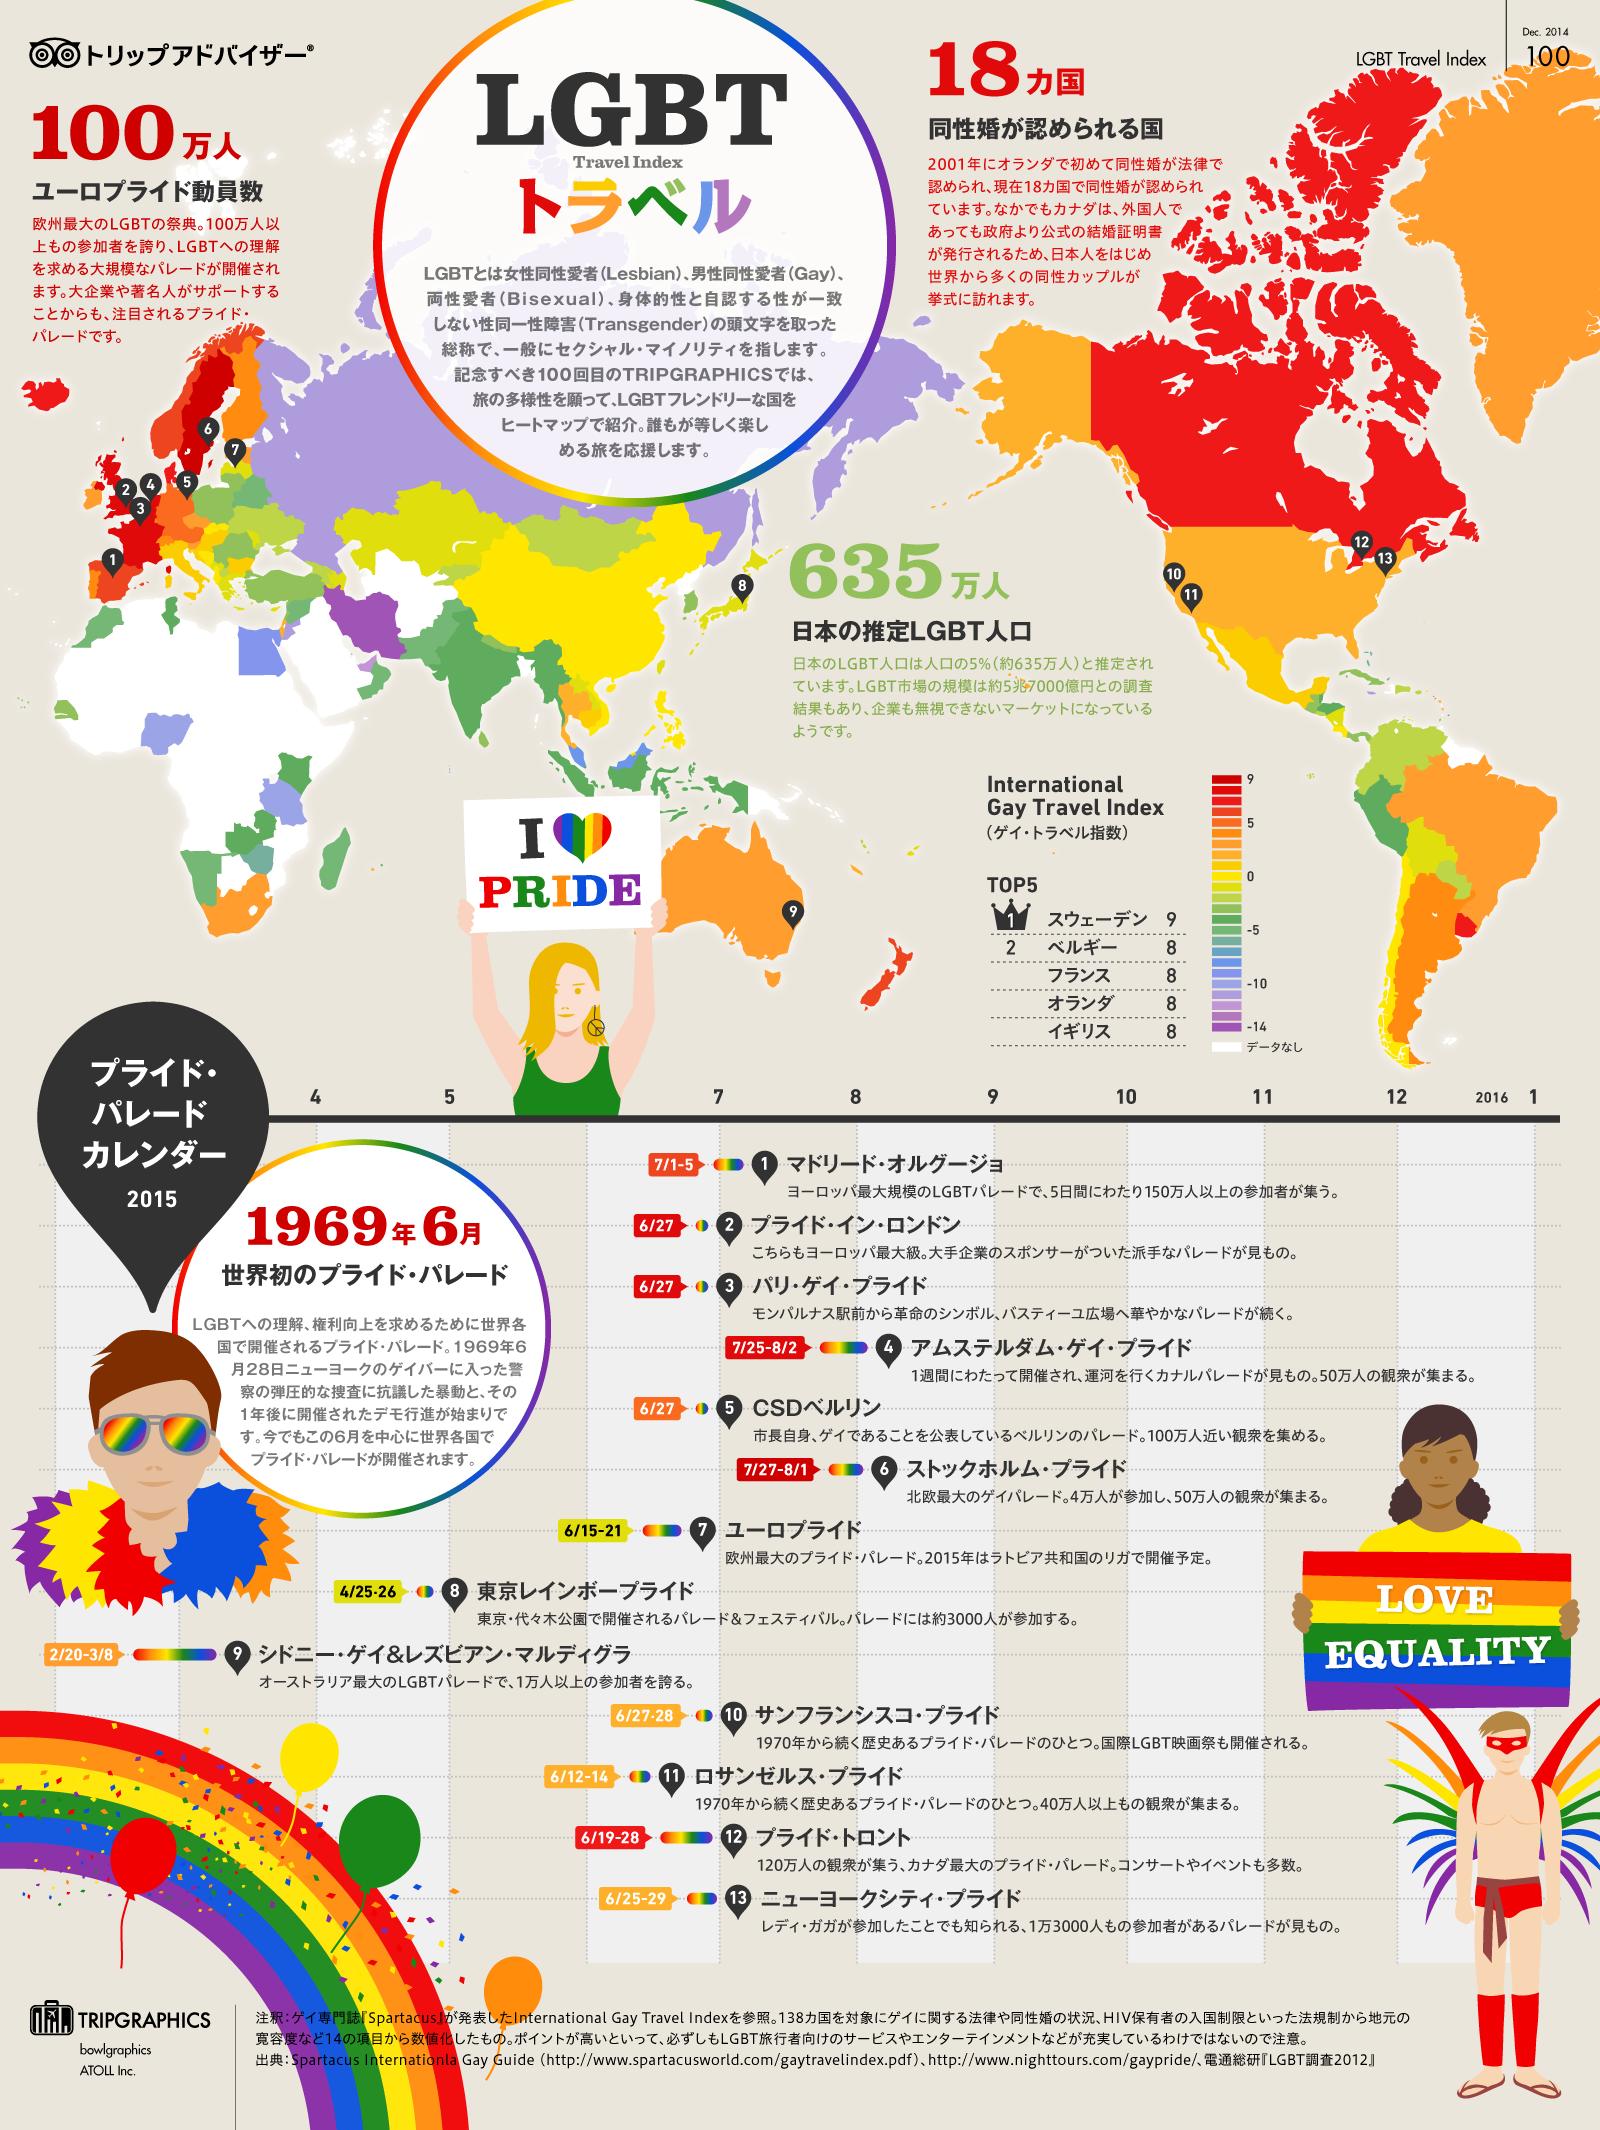 インフォグラフィック:LGBT人口数とレインボーの意味。旗が8色から6色になった理由